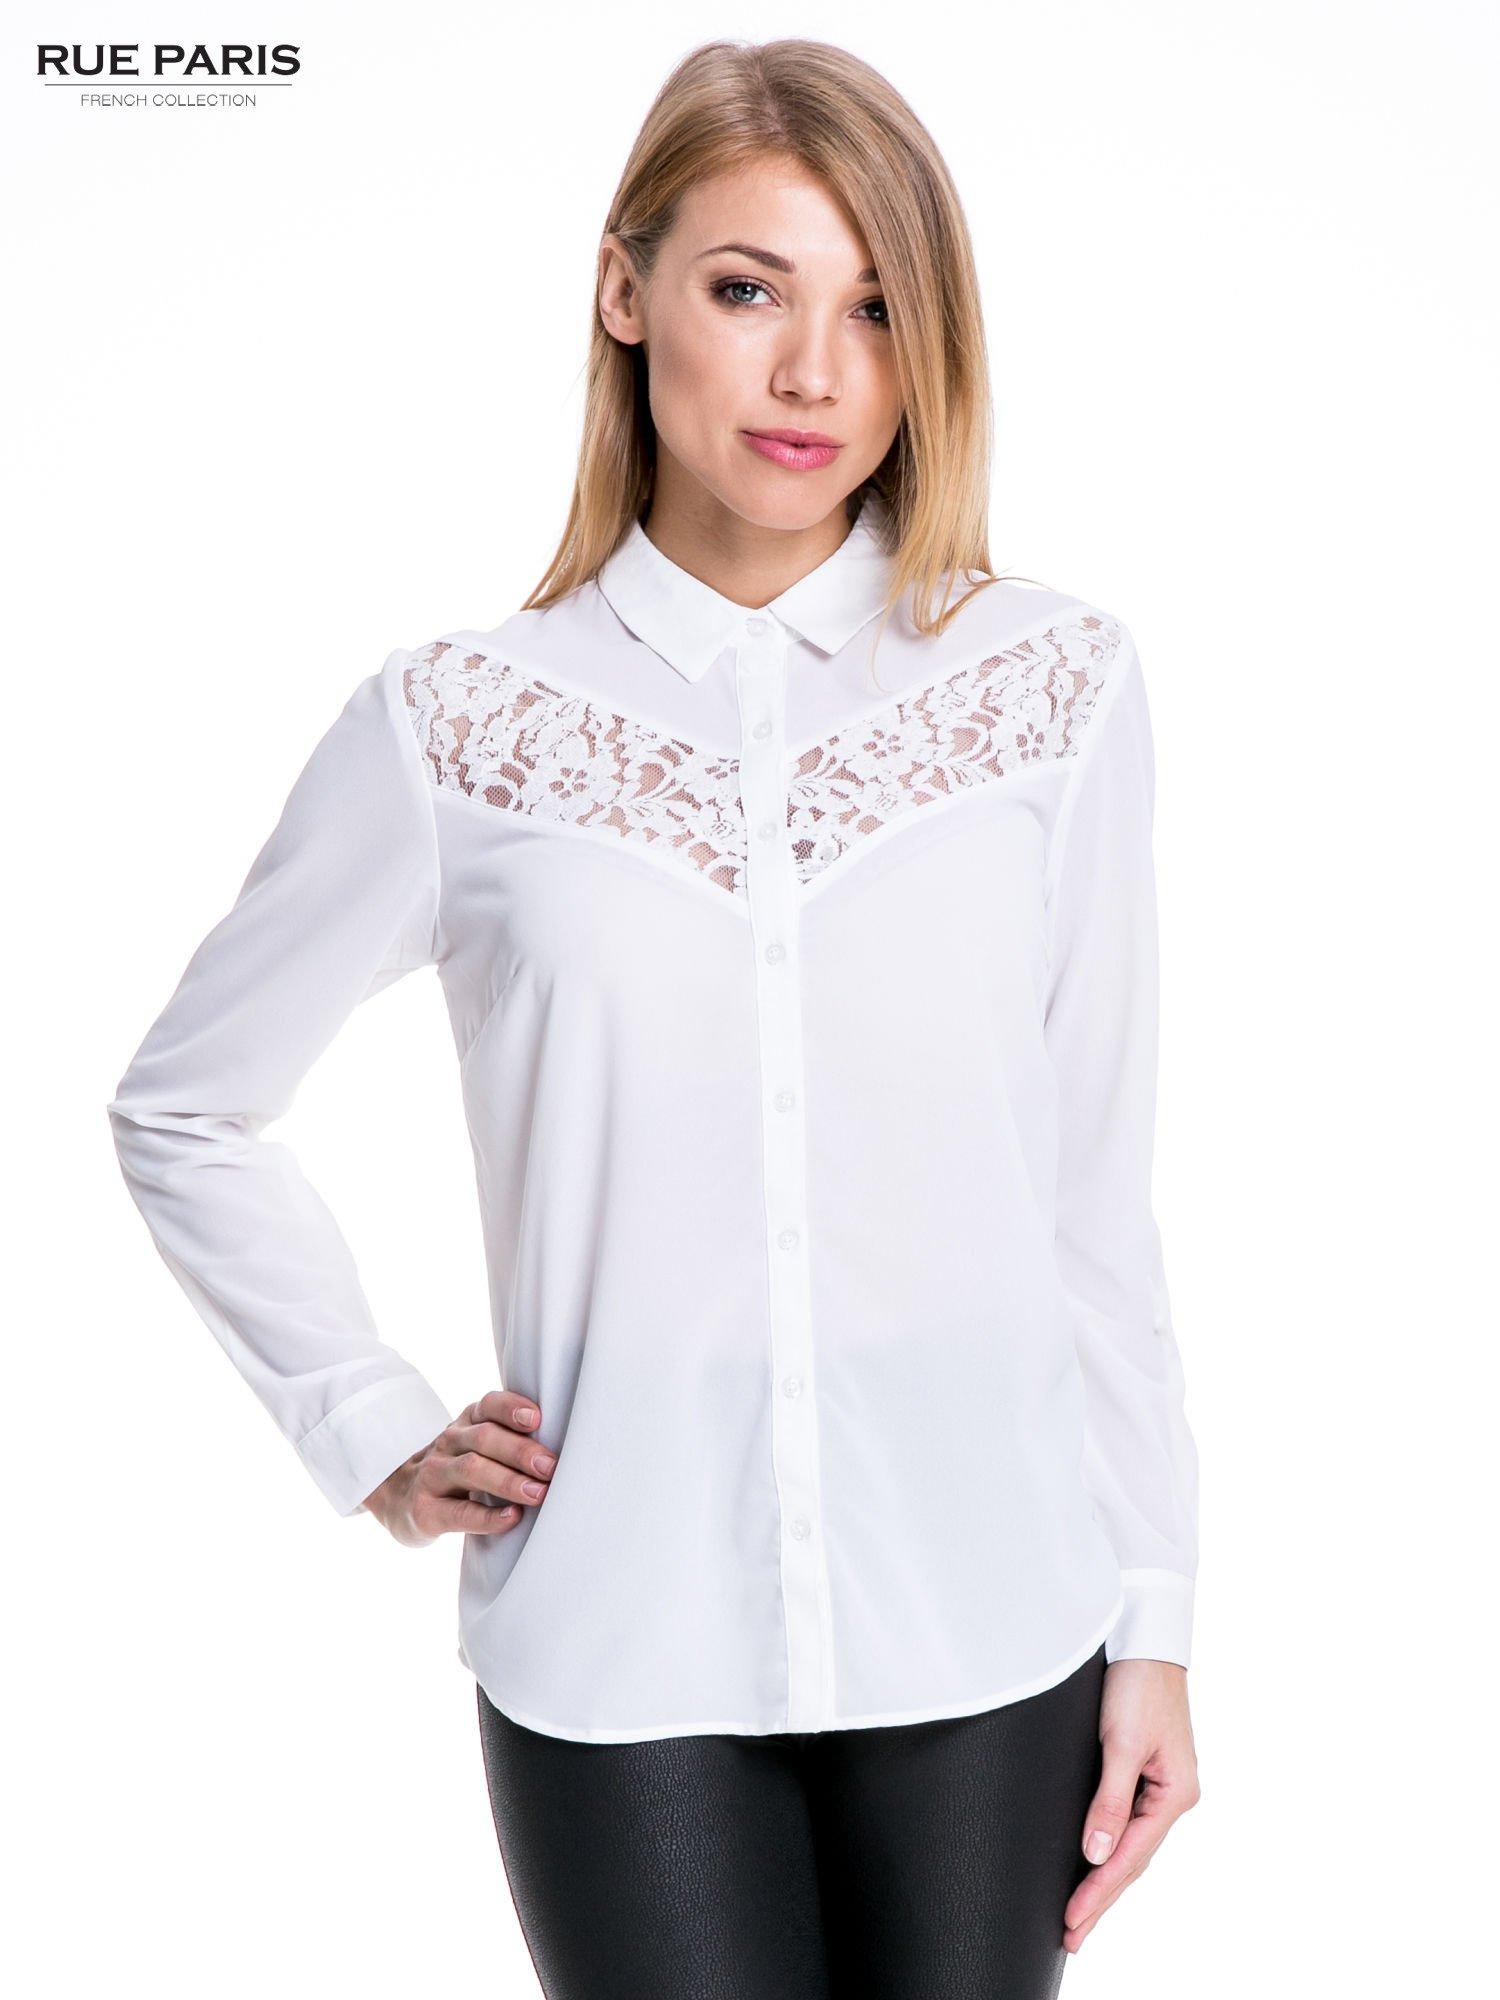 Biała koszula z koronkową wstawką na górze                                  zdj.                                  1